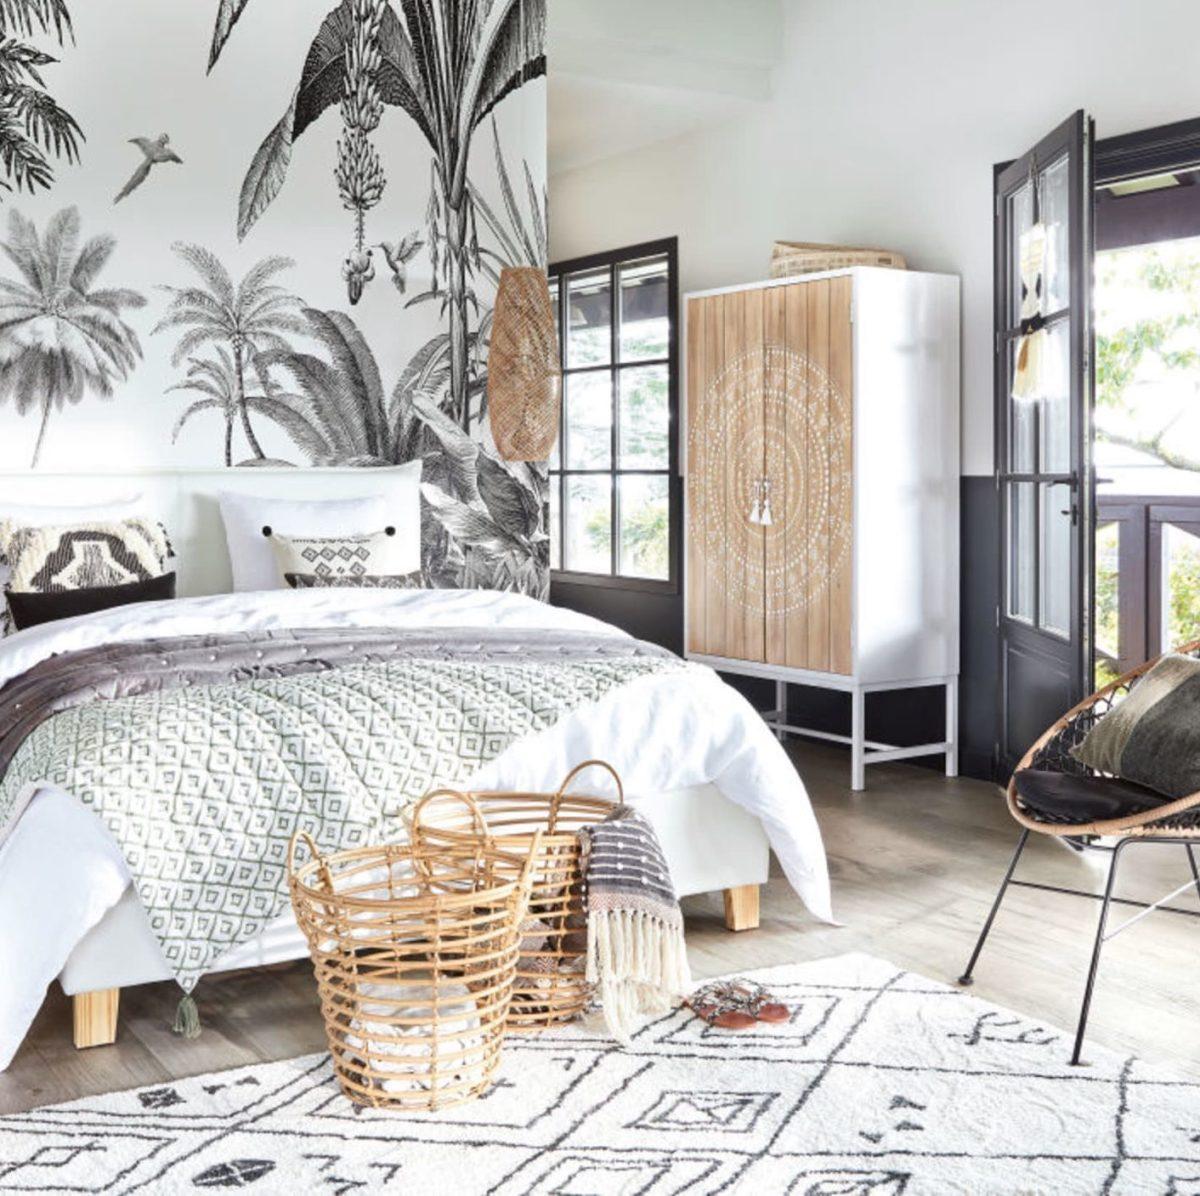 chambre parentale bohémienne rustique mobilier boisé tapis berbère noir et blanc